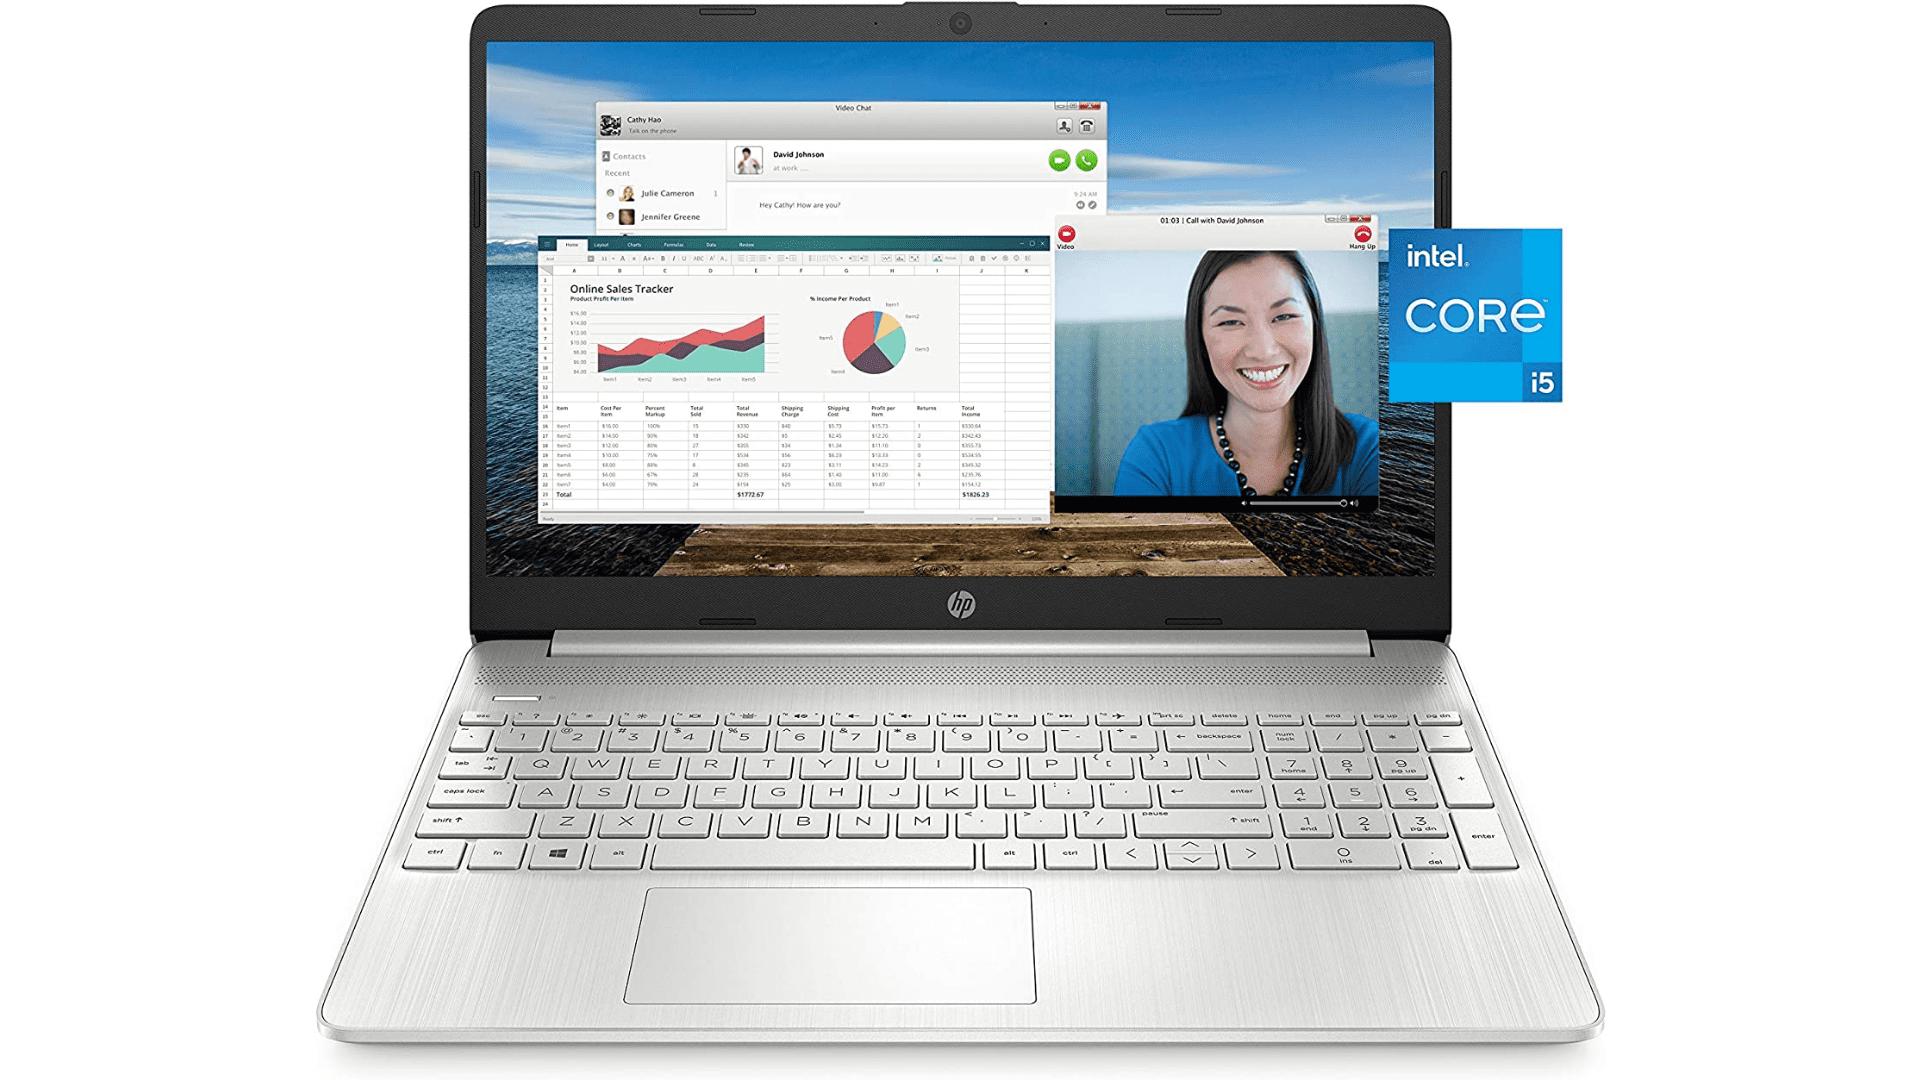 Notebook HP Pavilion 15 usa tecnologias especiais para melhorar imagem e som (Foto: Divulgação/HP)